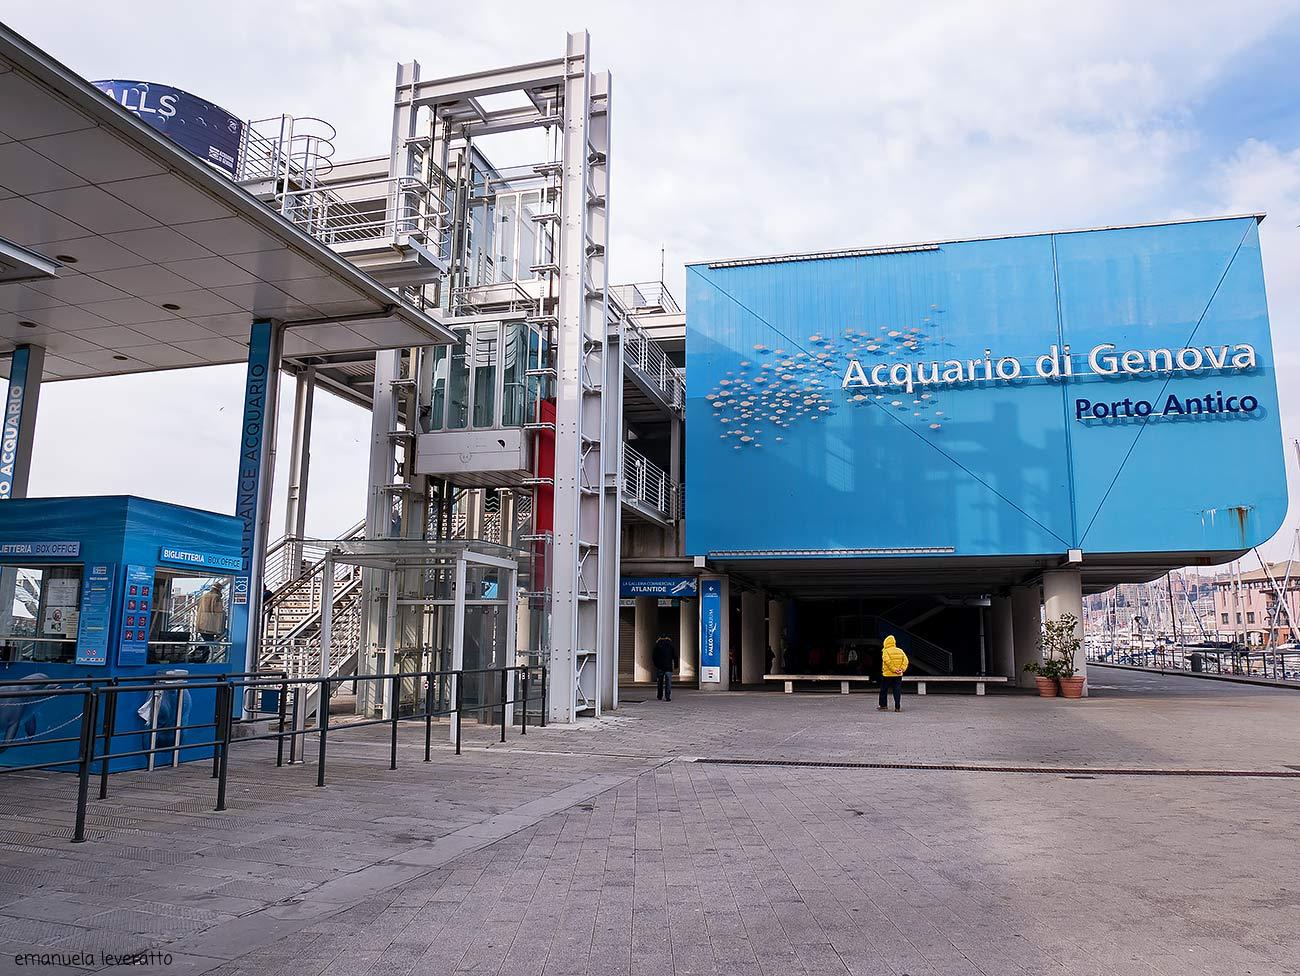 Acquario-di-Genova-porto antico di genova